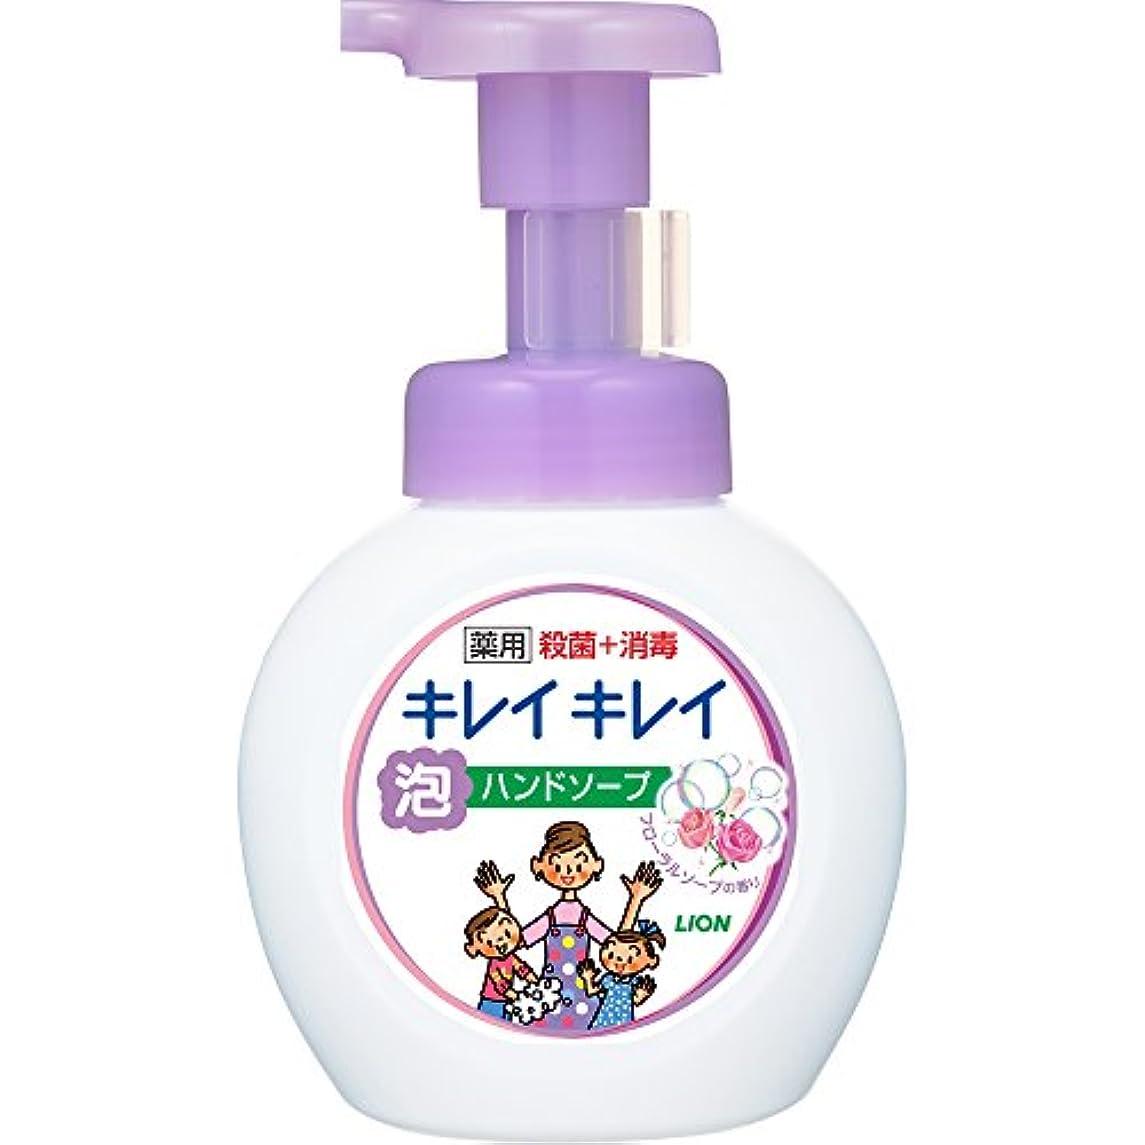 受賞マート一掃するキレイキレイ 薬用泡ハンドソープ フローラルソープの香り 本体ポンプ 250mL